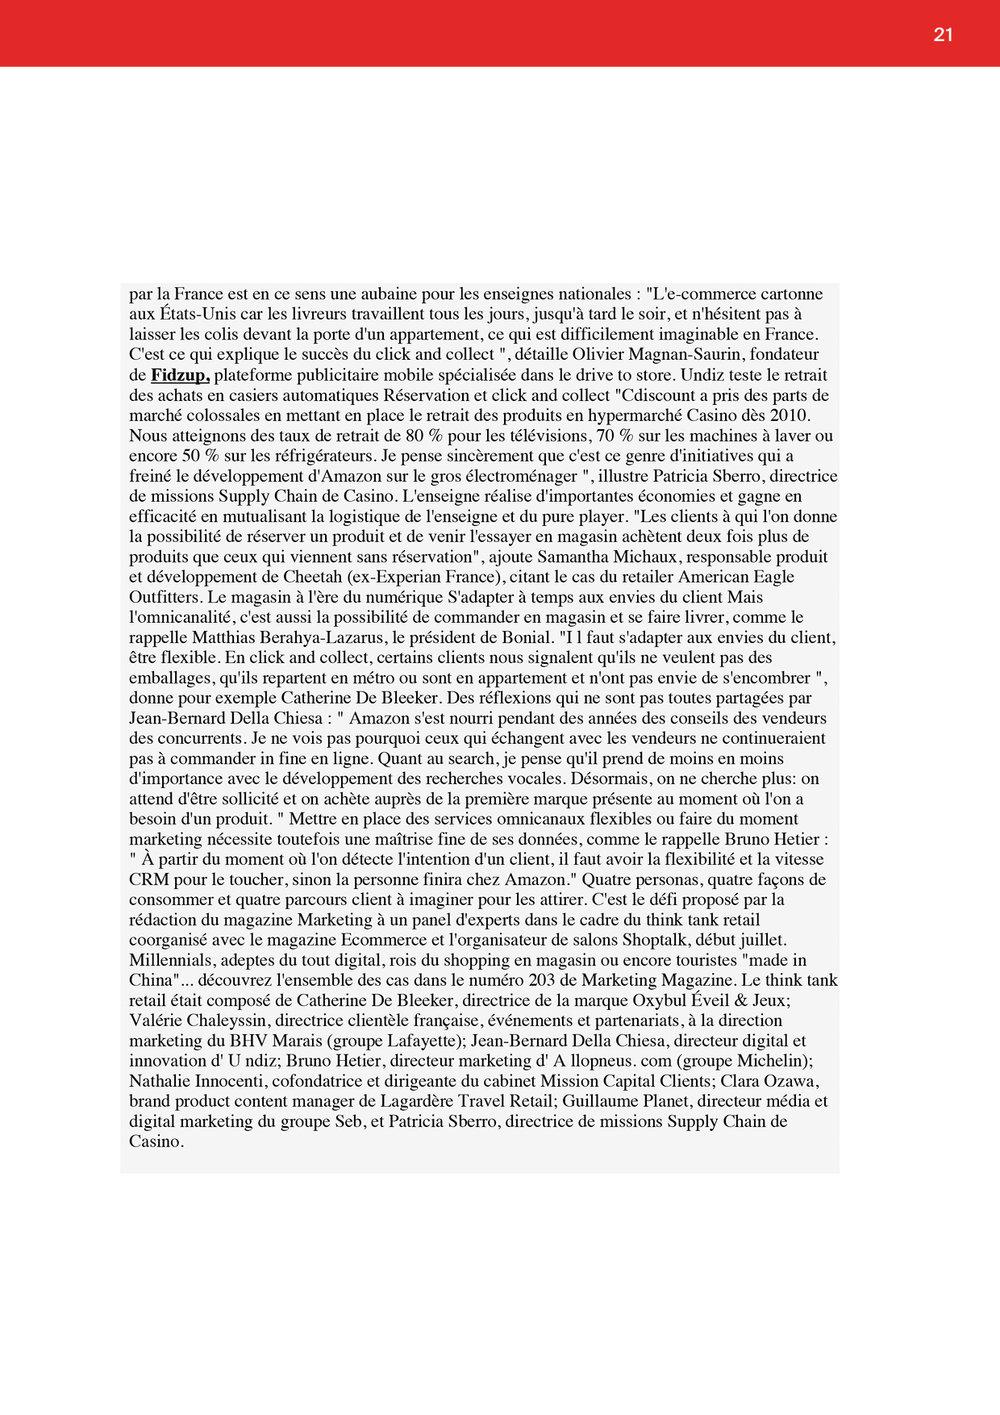 BOOKMEDIA_SEPT_021.jpg